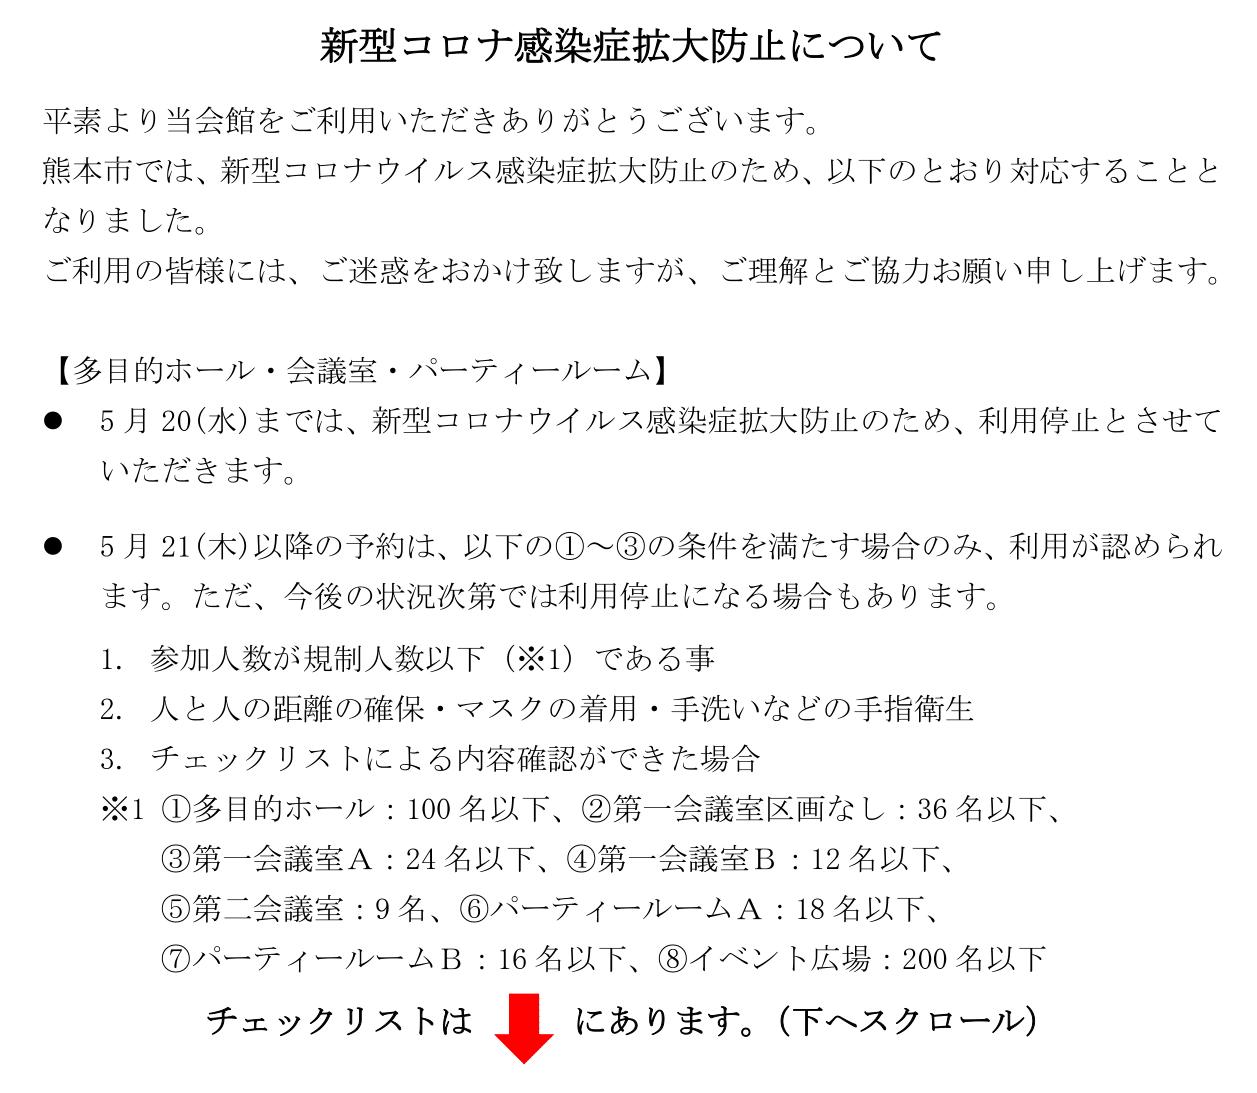 熊本 市 新型 コロナ